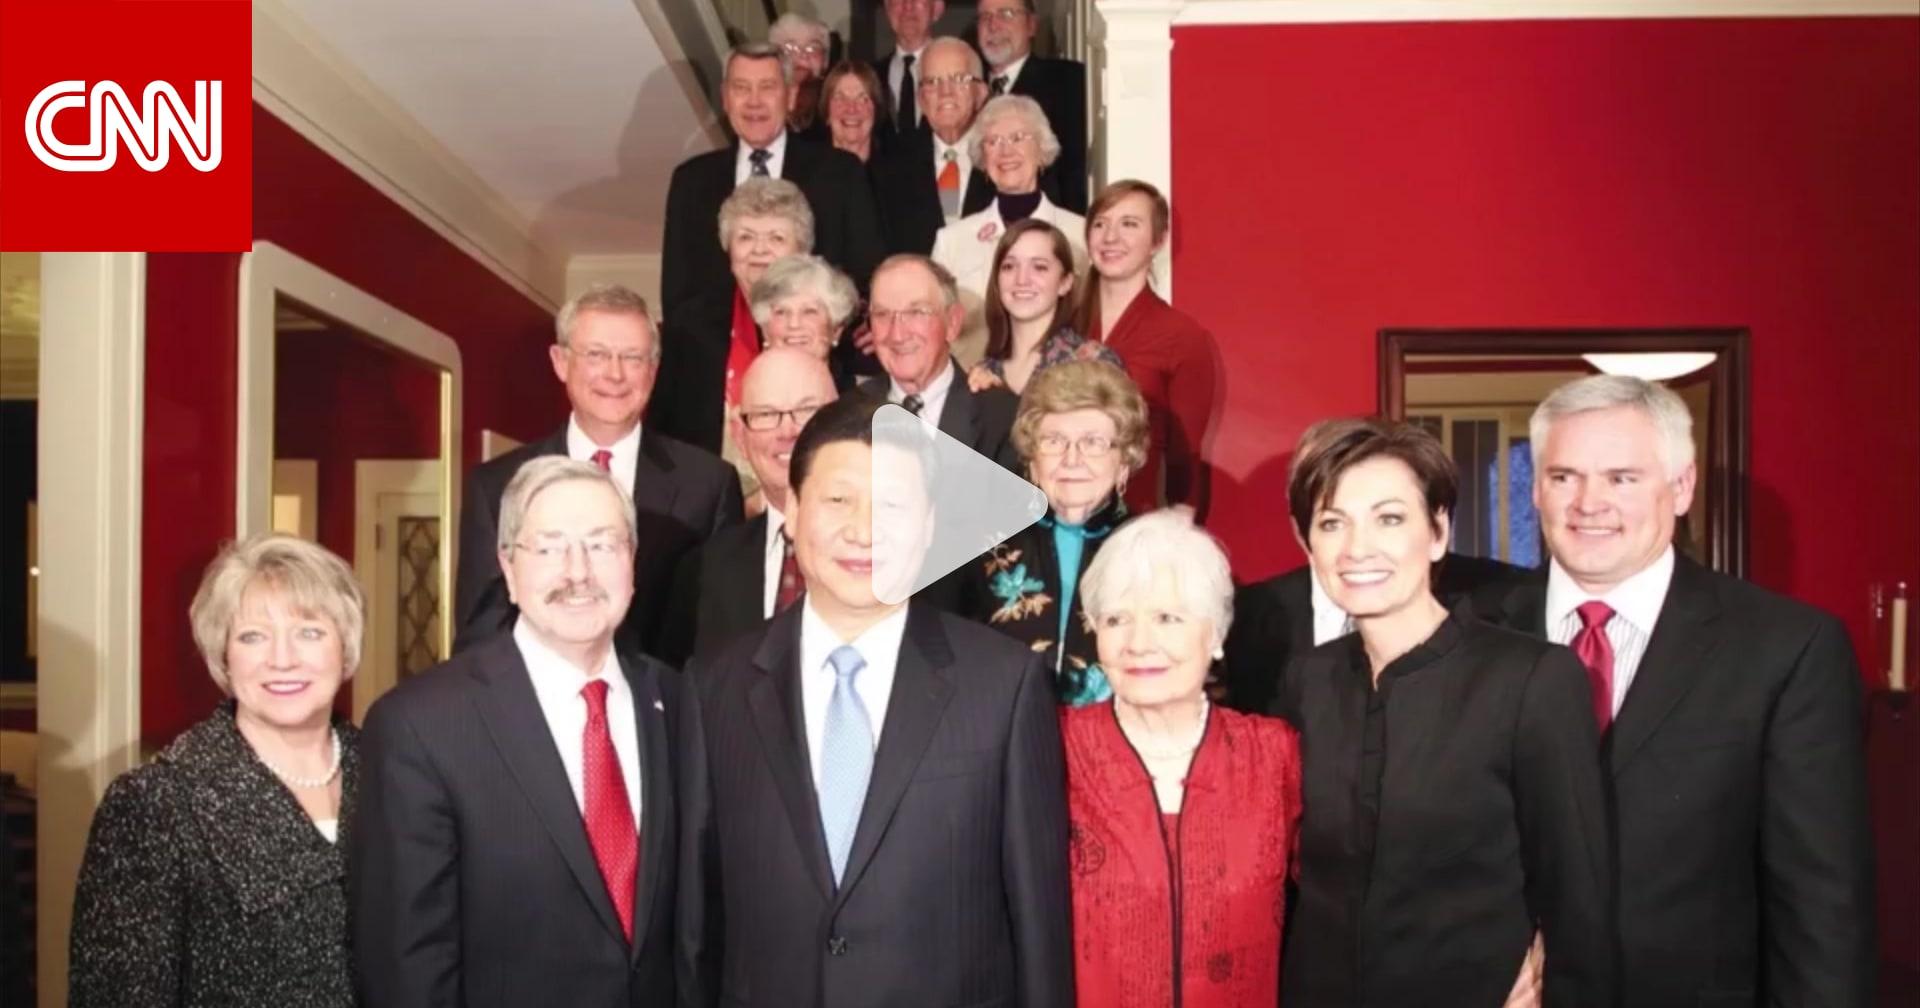 كيف بدا شي جين بينغ في شبابه خلال زيارة أمريكا وكيف أصبح بعد تولي رئاسة الصين؟